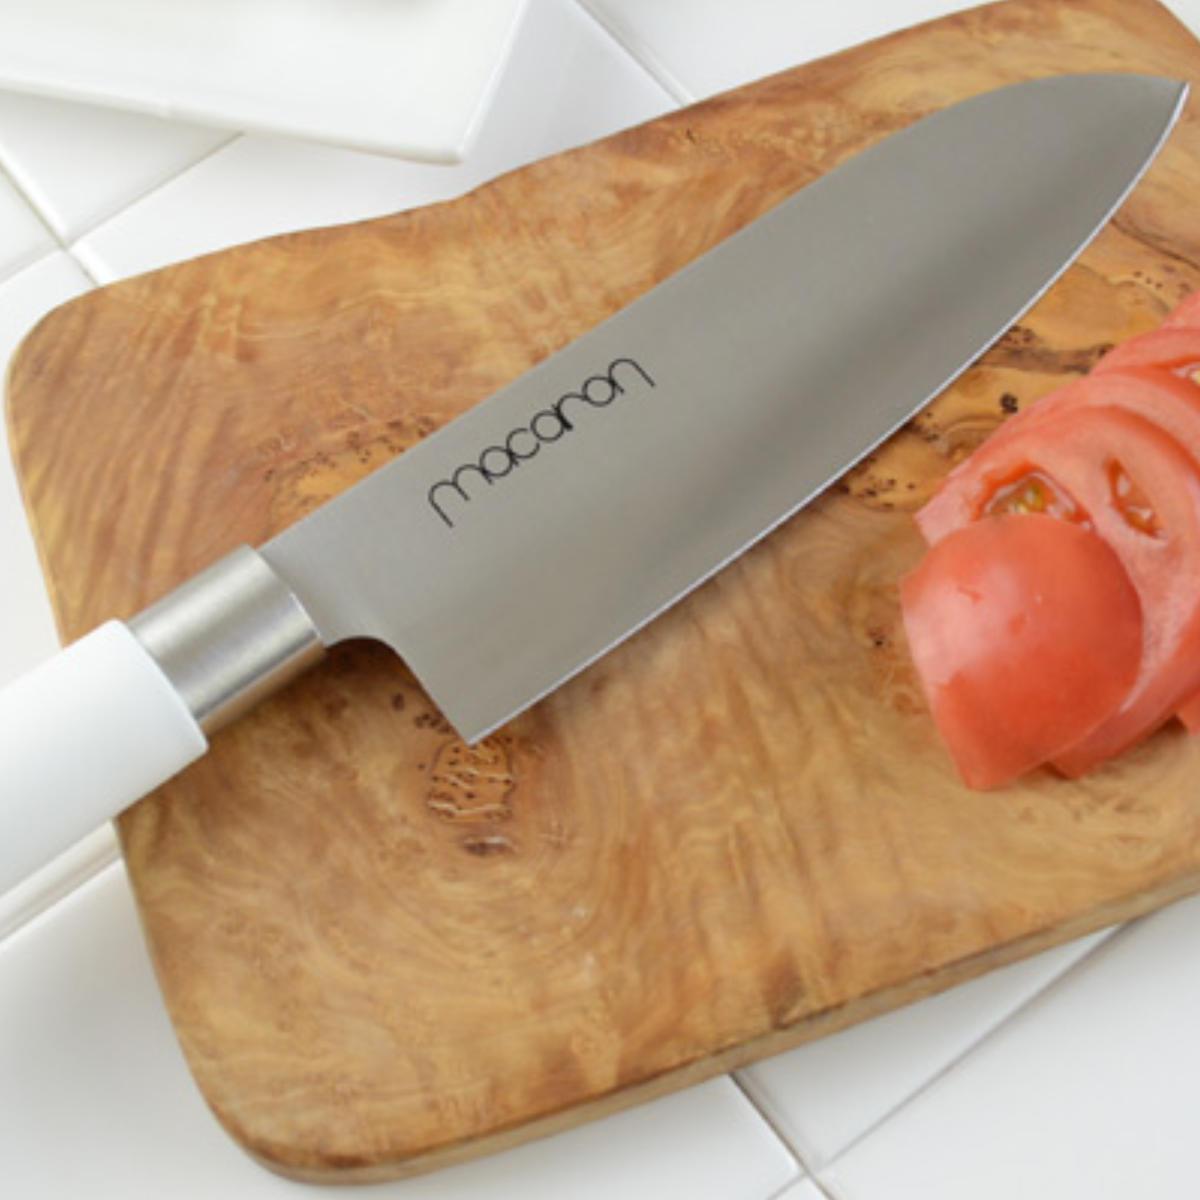 三徳包丁 170mm MACARON ( 三徳 包丁 17cm キッチンナイフ 調理器具 ) 【4500円以上送料無料】